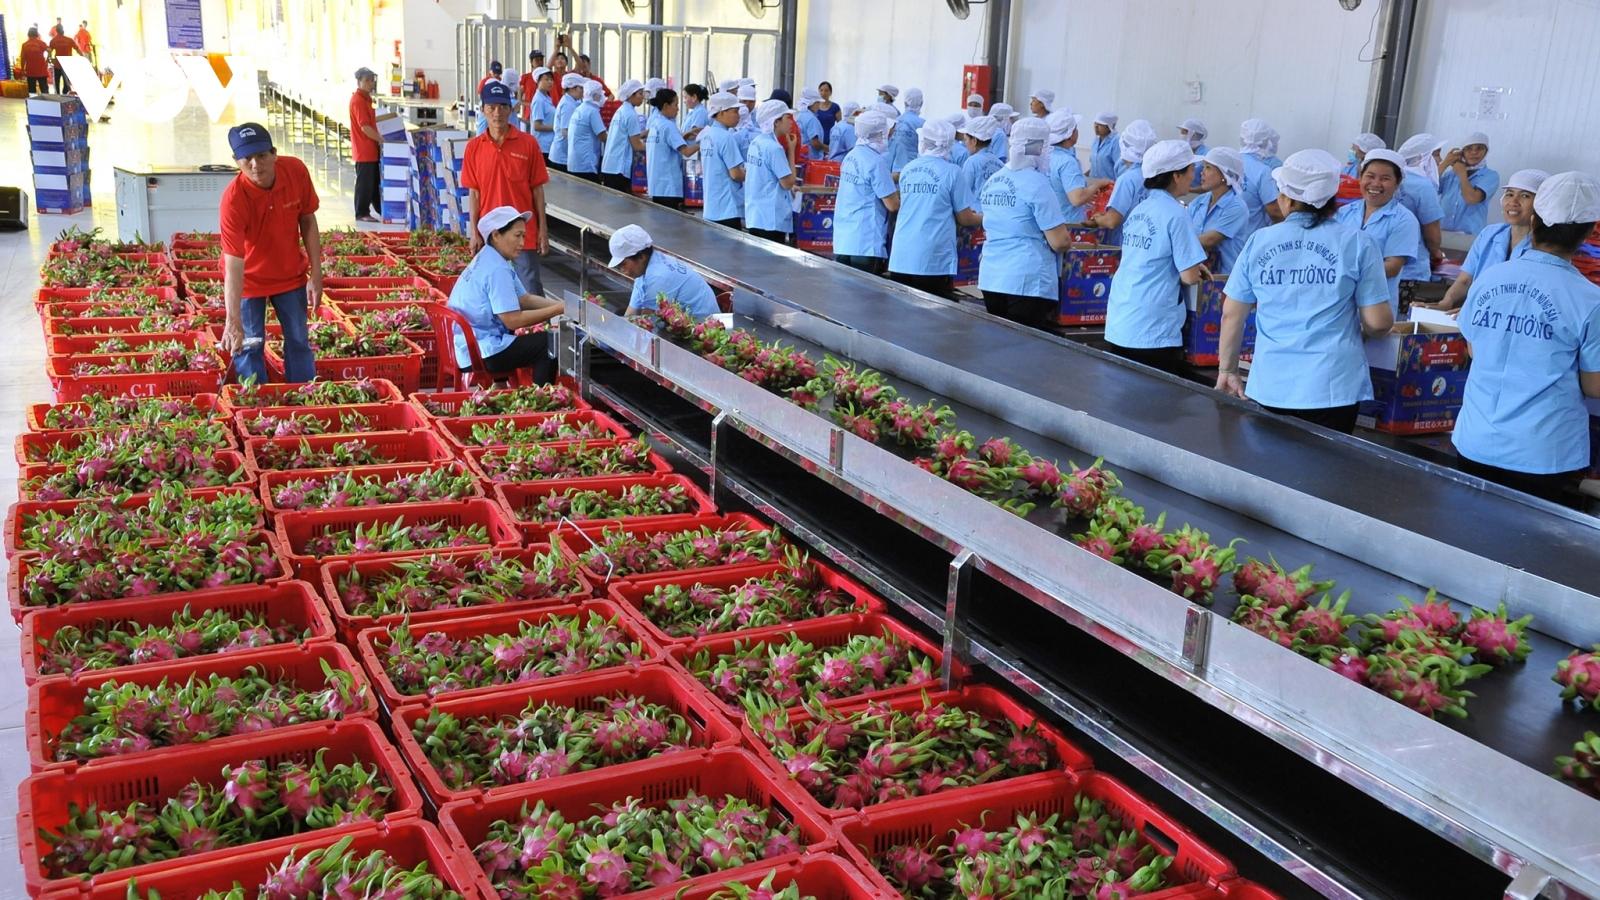 Khắc phục dịch Covid-19, doanh nghiệp xuất khẩu hơn 70 tấn trái cây mỗi ngày sang Mỹ, Hàn